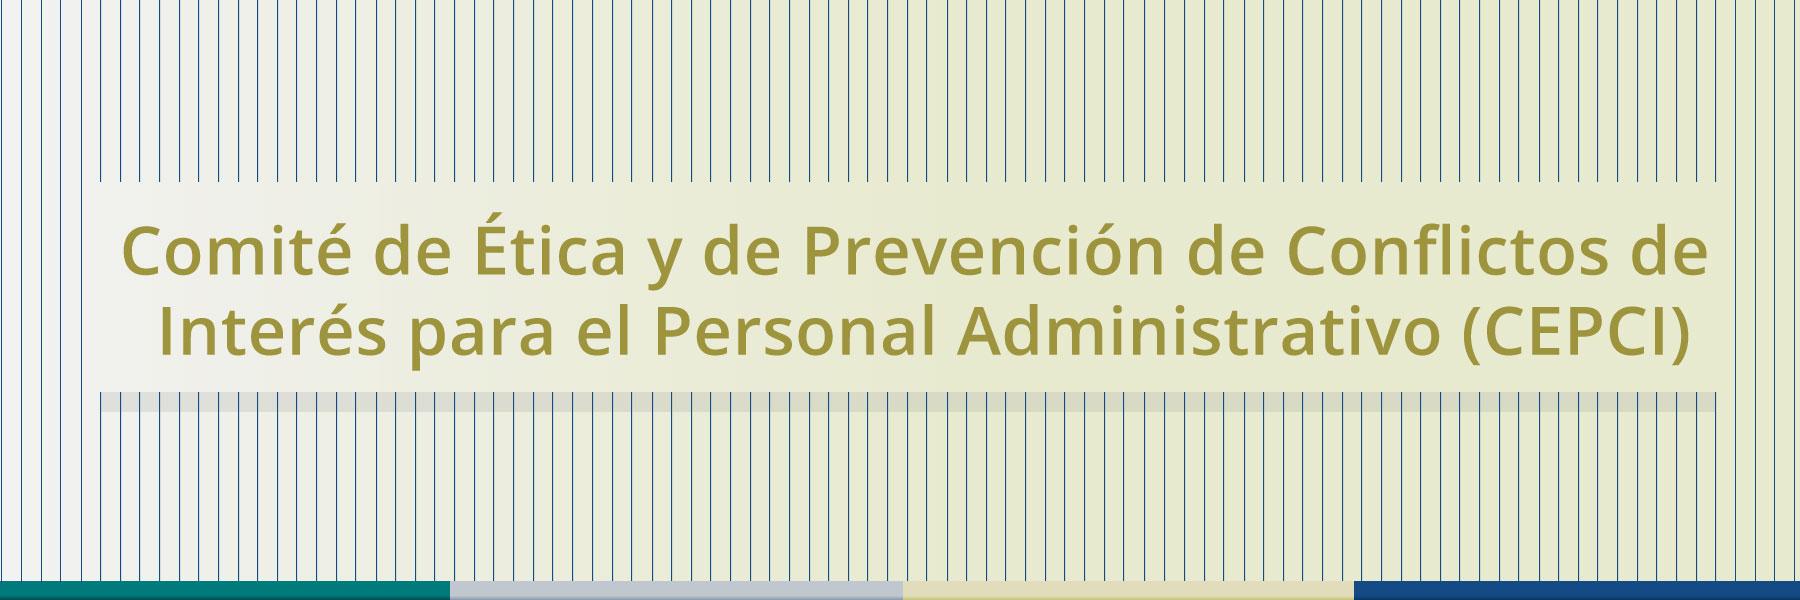 Comité de Ética y de Prevención de Conflictos de Interés para el Personal Administrativo (CEPCI)